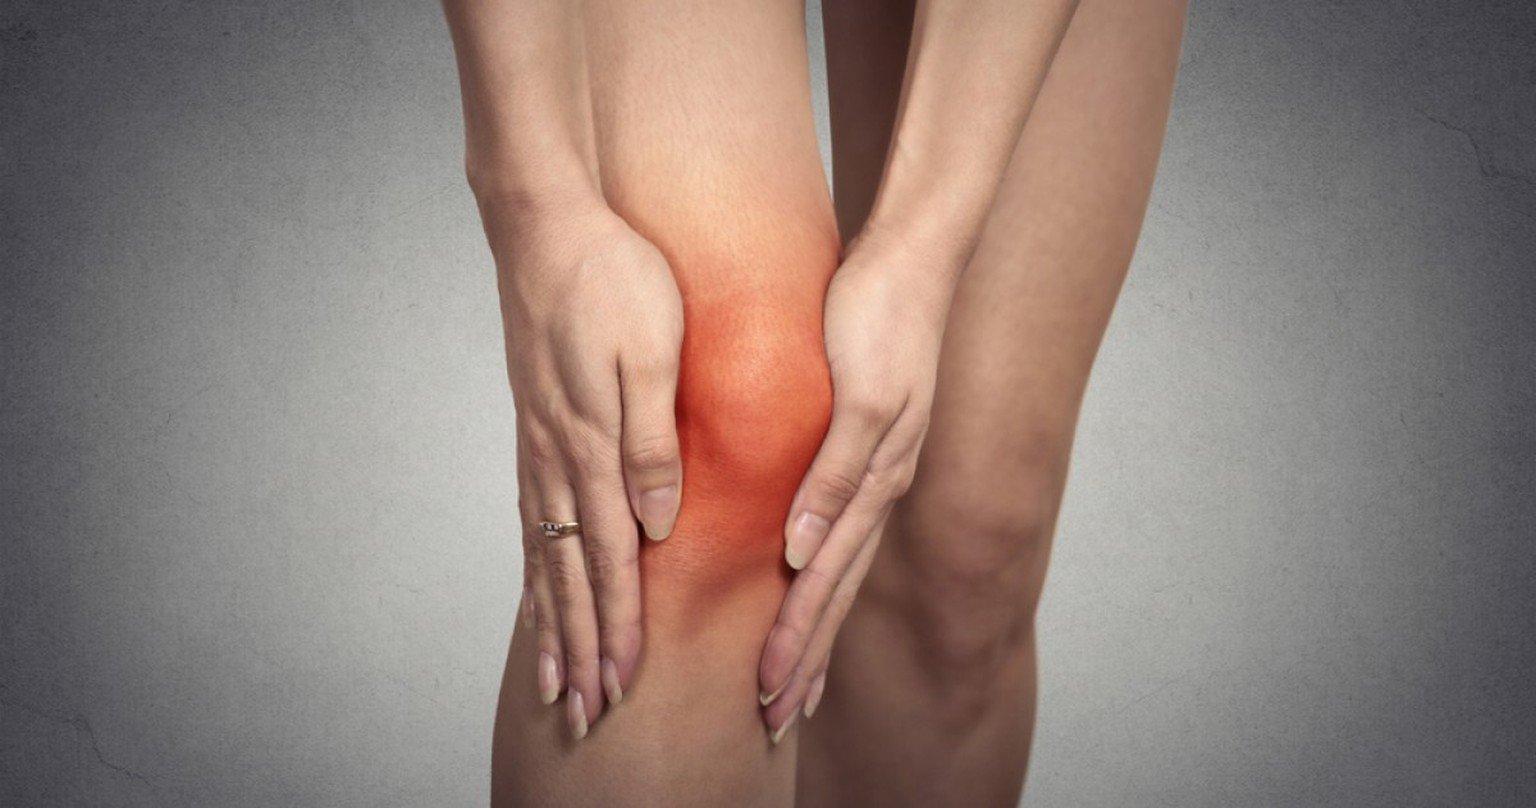 Болевой синдром при воспалении подколенного лимфоузла